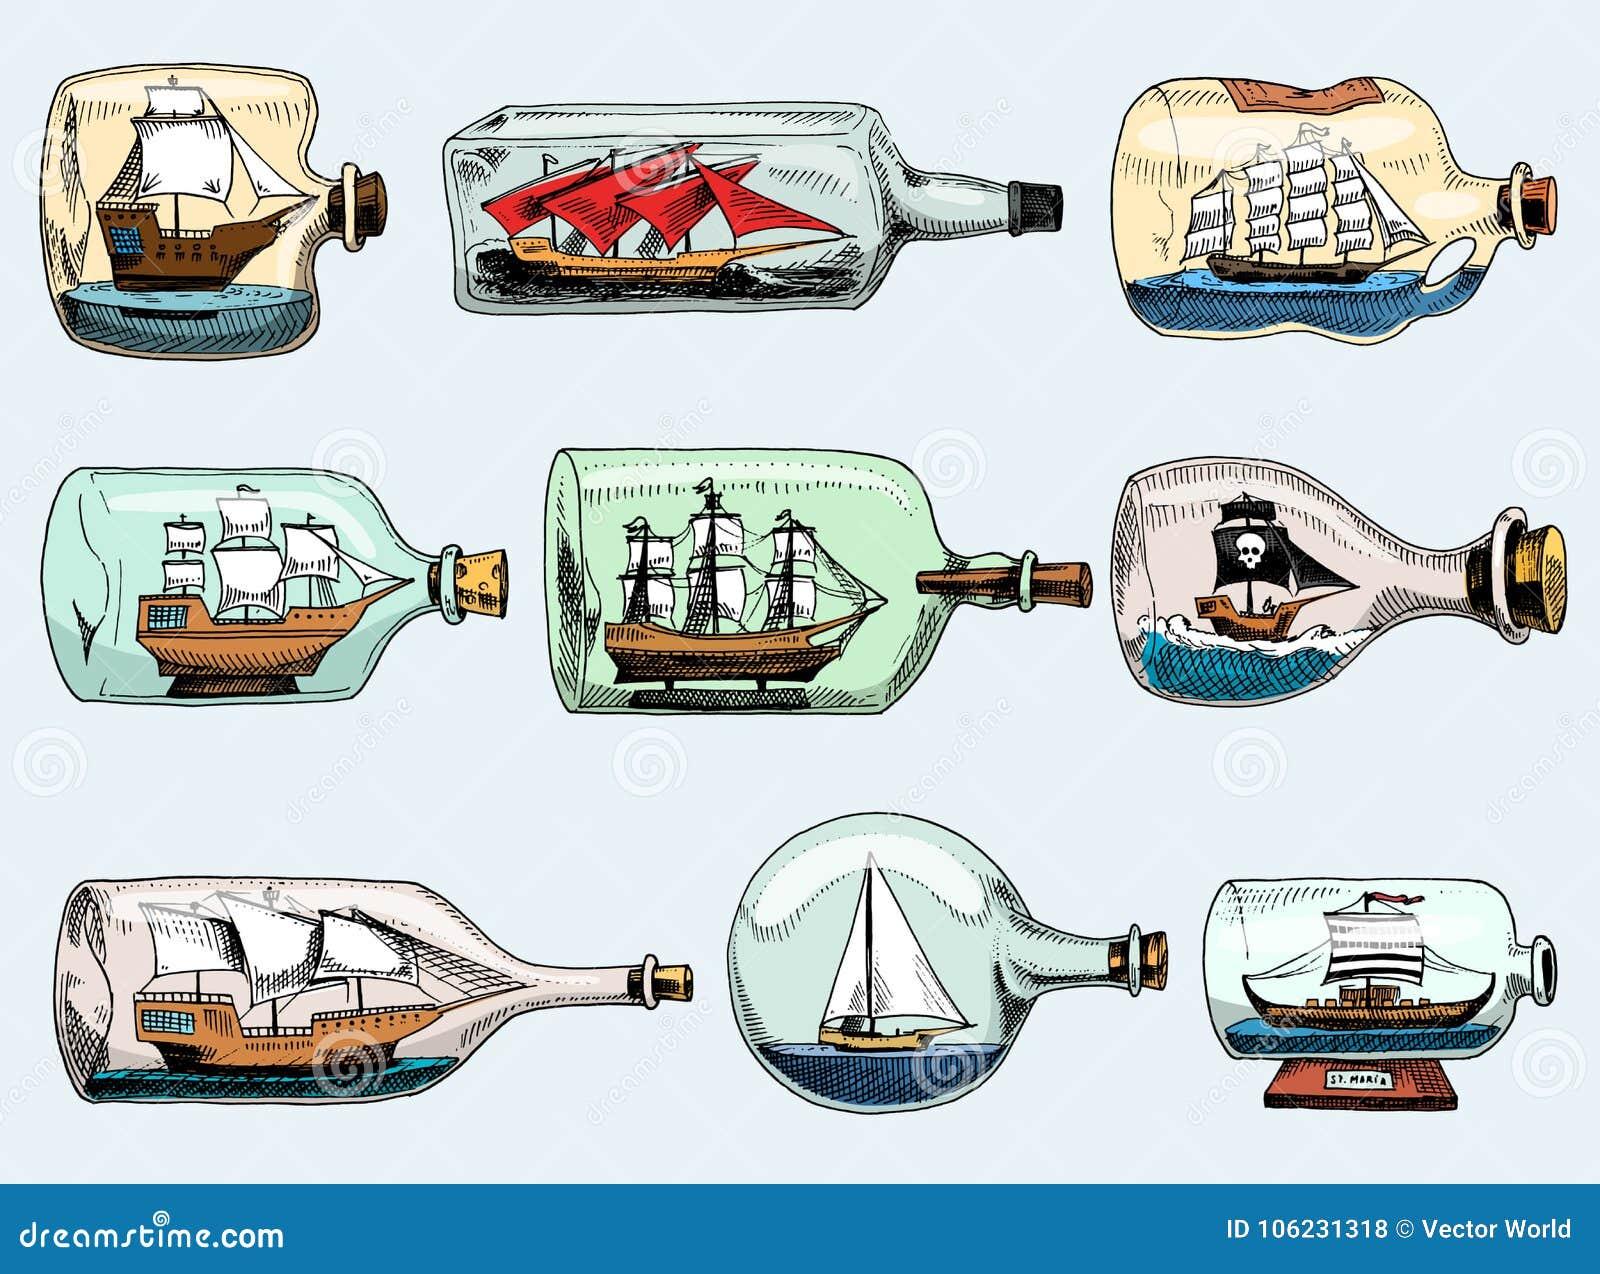 Σκάφος στη διανυσματική βάρκα μπουκαλιών στο μικροσκοπικό ταλαντούχο πανί